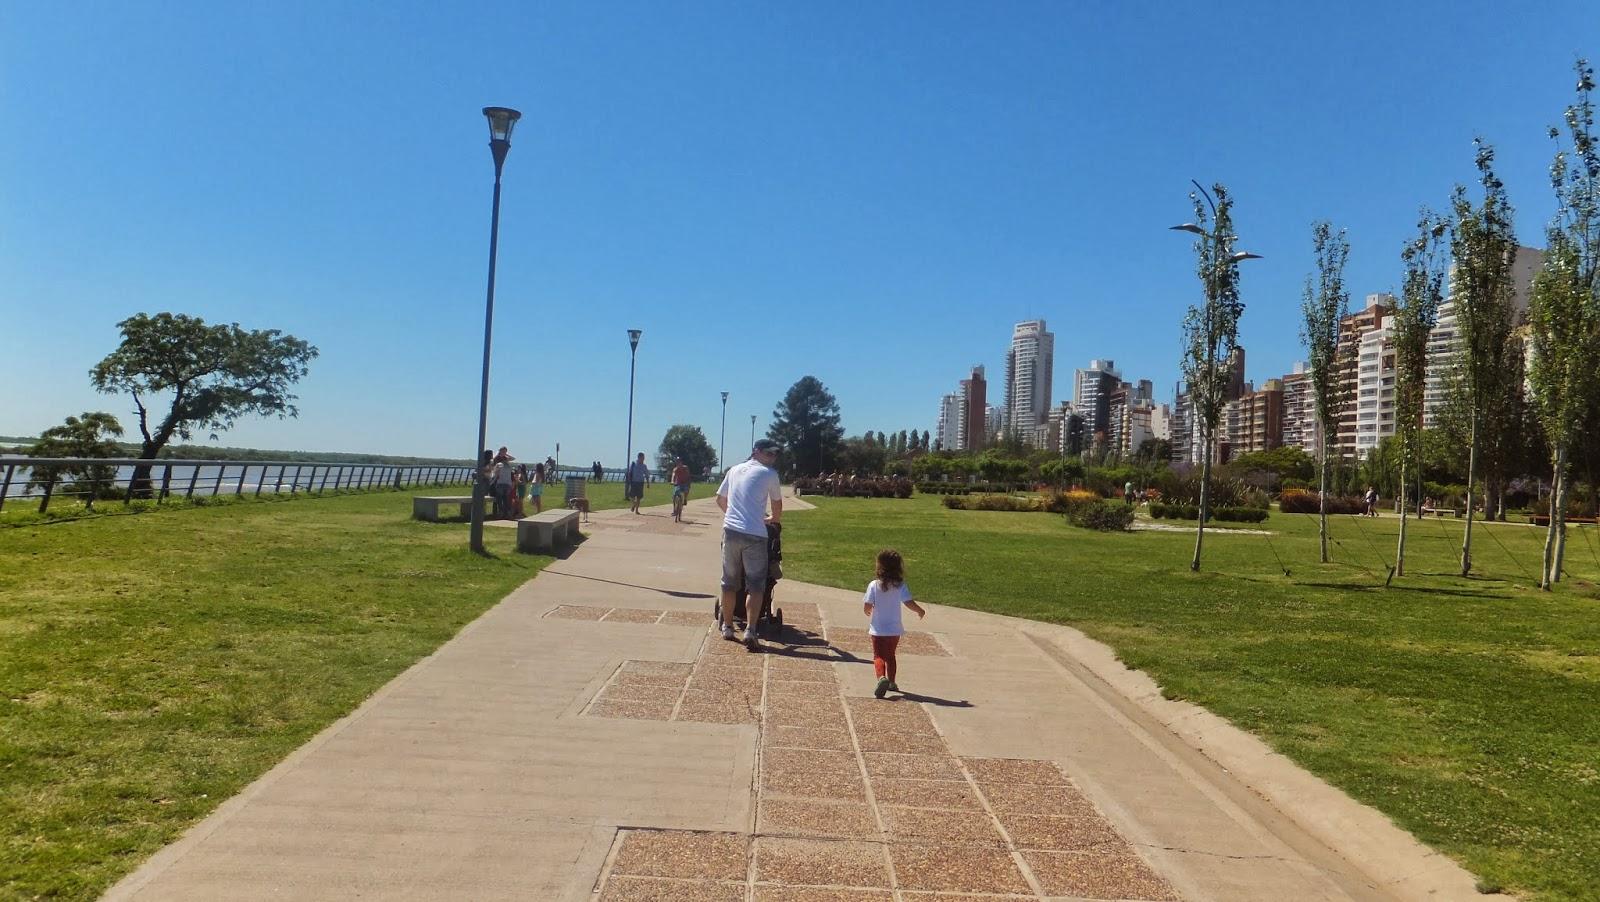 Parques de Rosario, Argentina, Elisa N, Blog de Viajes, Lifestyle, Travel